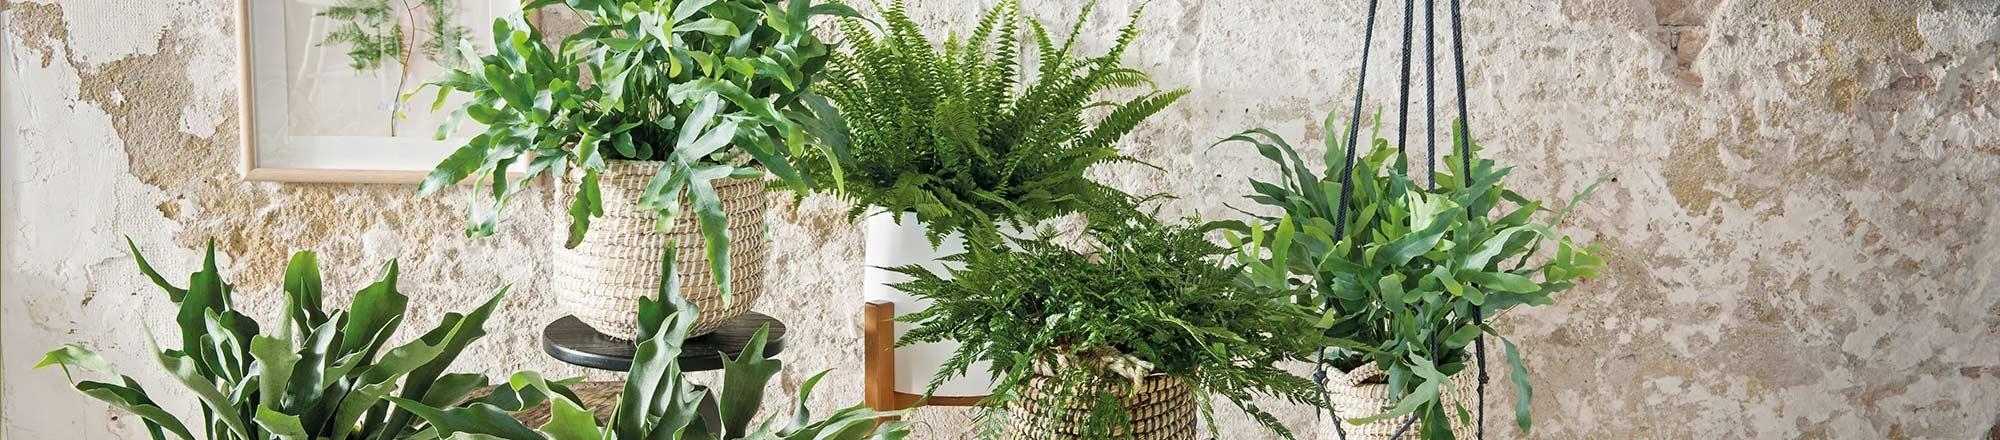 Plantensoorten uitgelegd